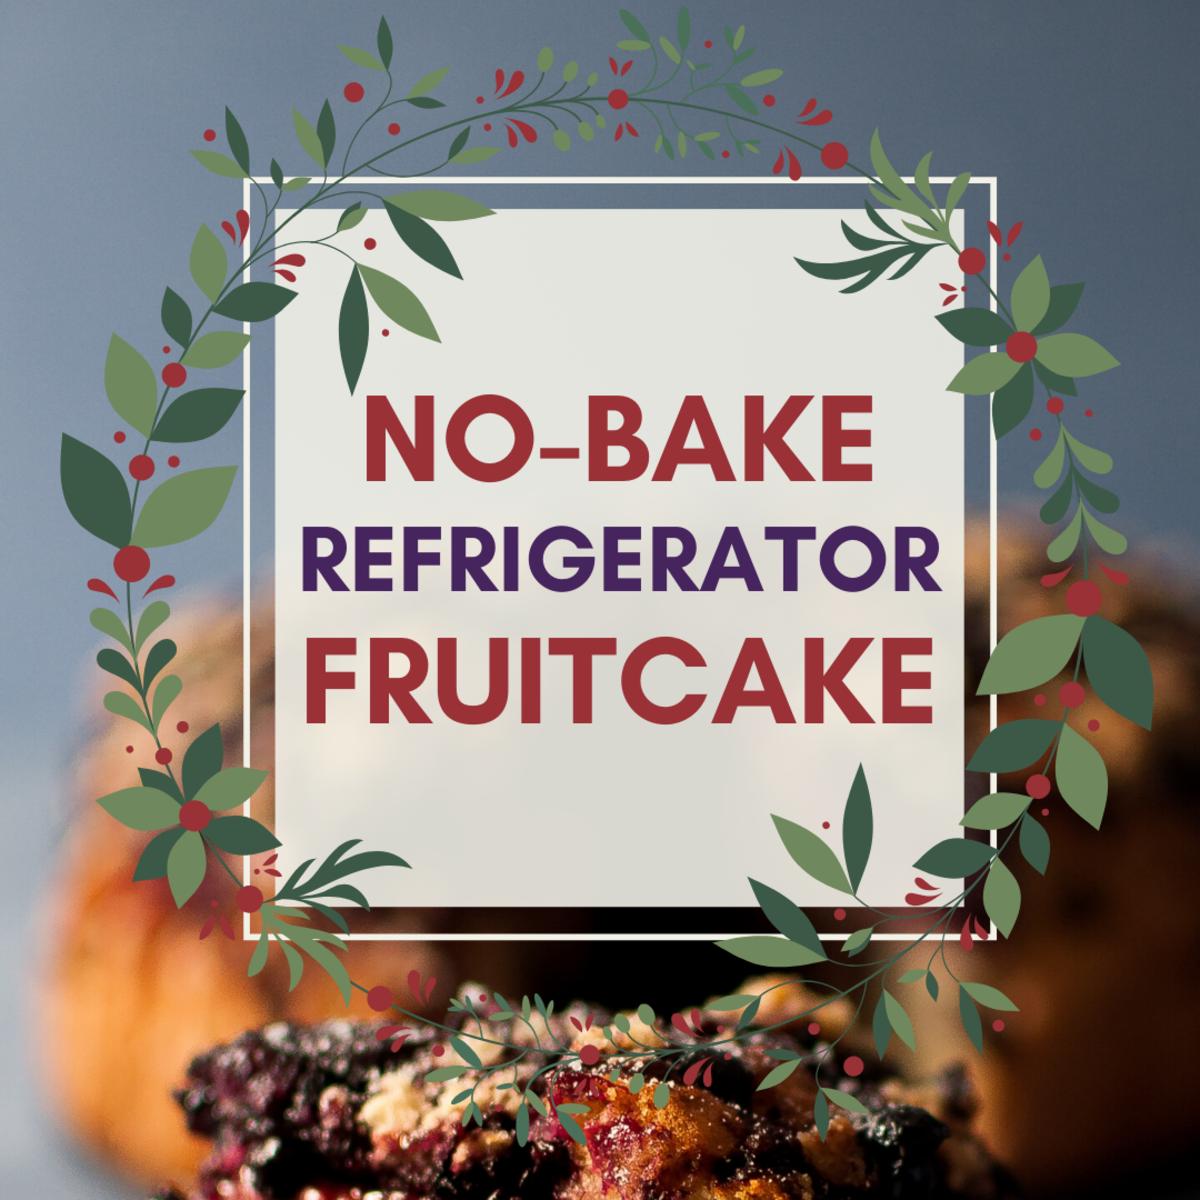 No-Bake Refrigerator Fruitcake Recipe